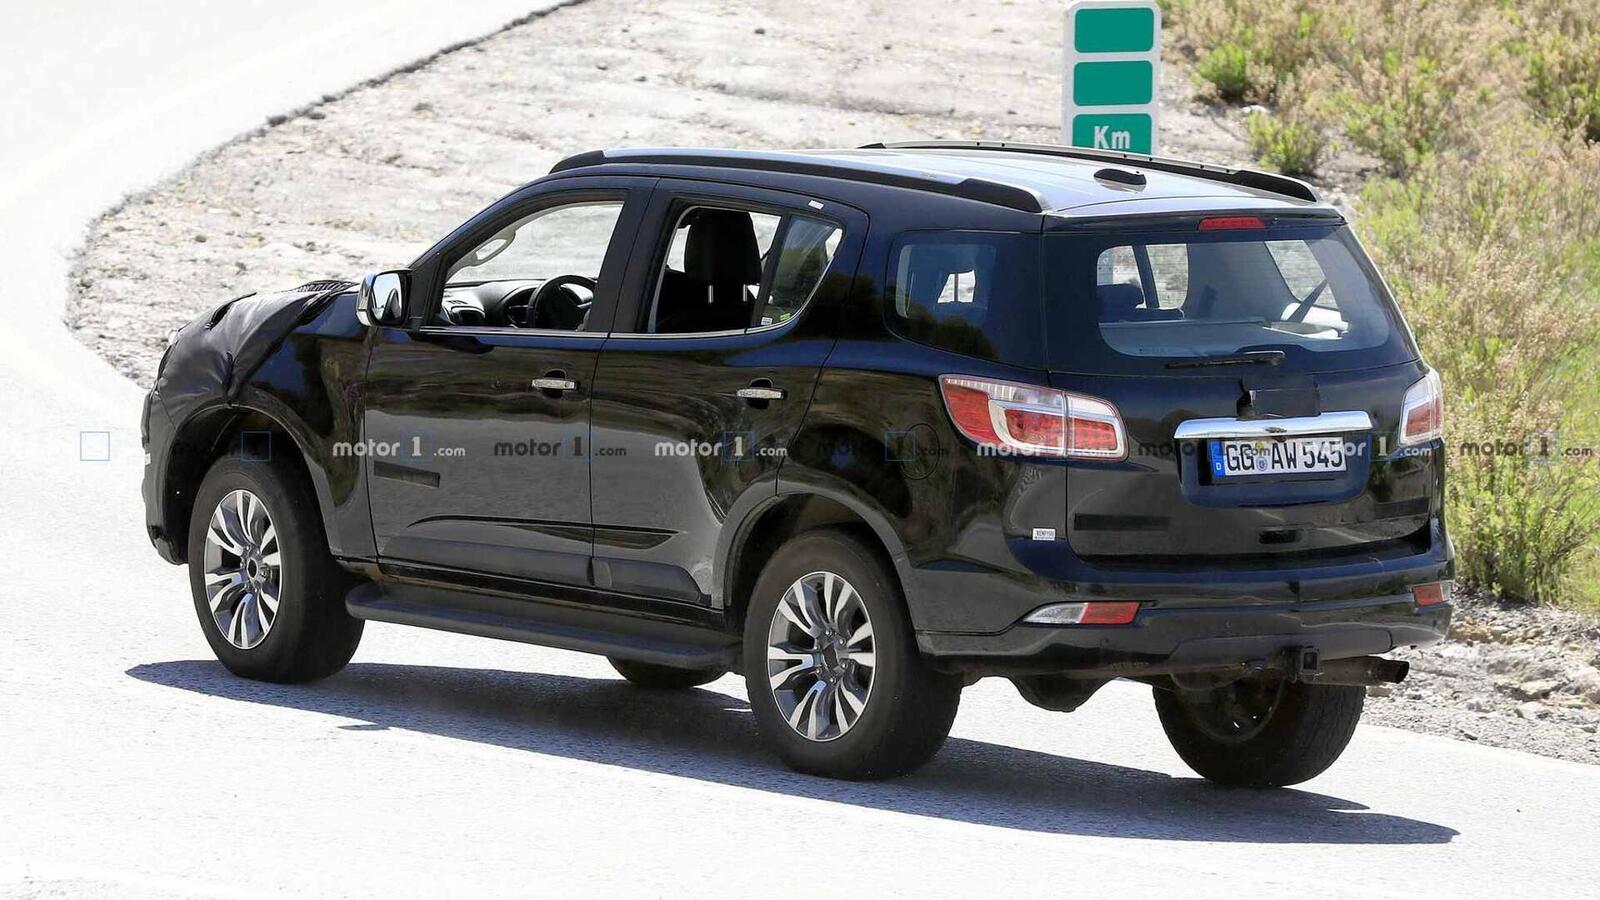 Chevrolet đang nâng cấp cho Trailblazer và có thể đưa về Mỹ trong tương lai gần - Hình 7